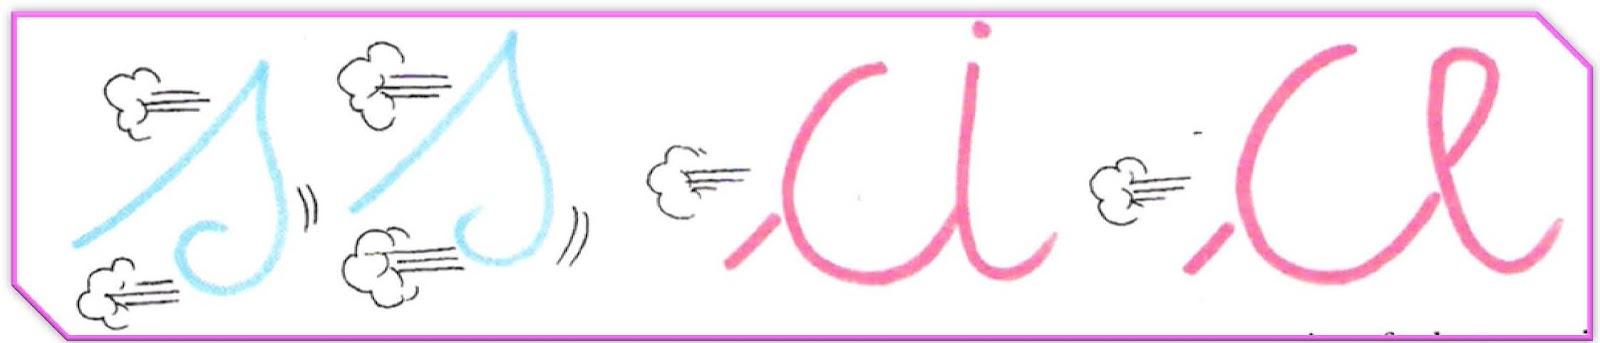 Insieme sul blog di maestra rosaria sci e sce for Filastrocca sci sce